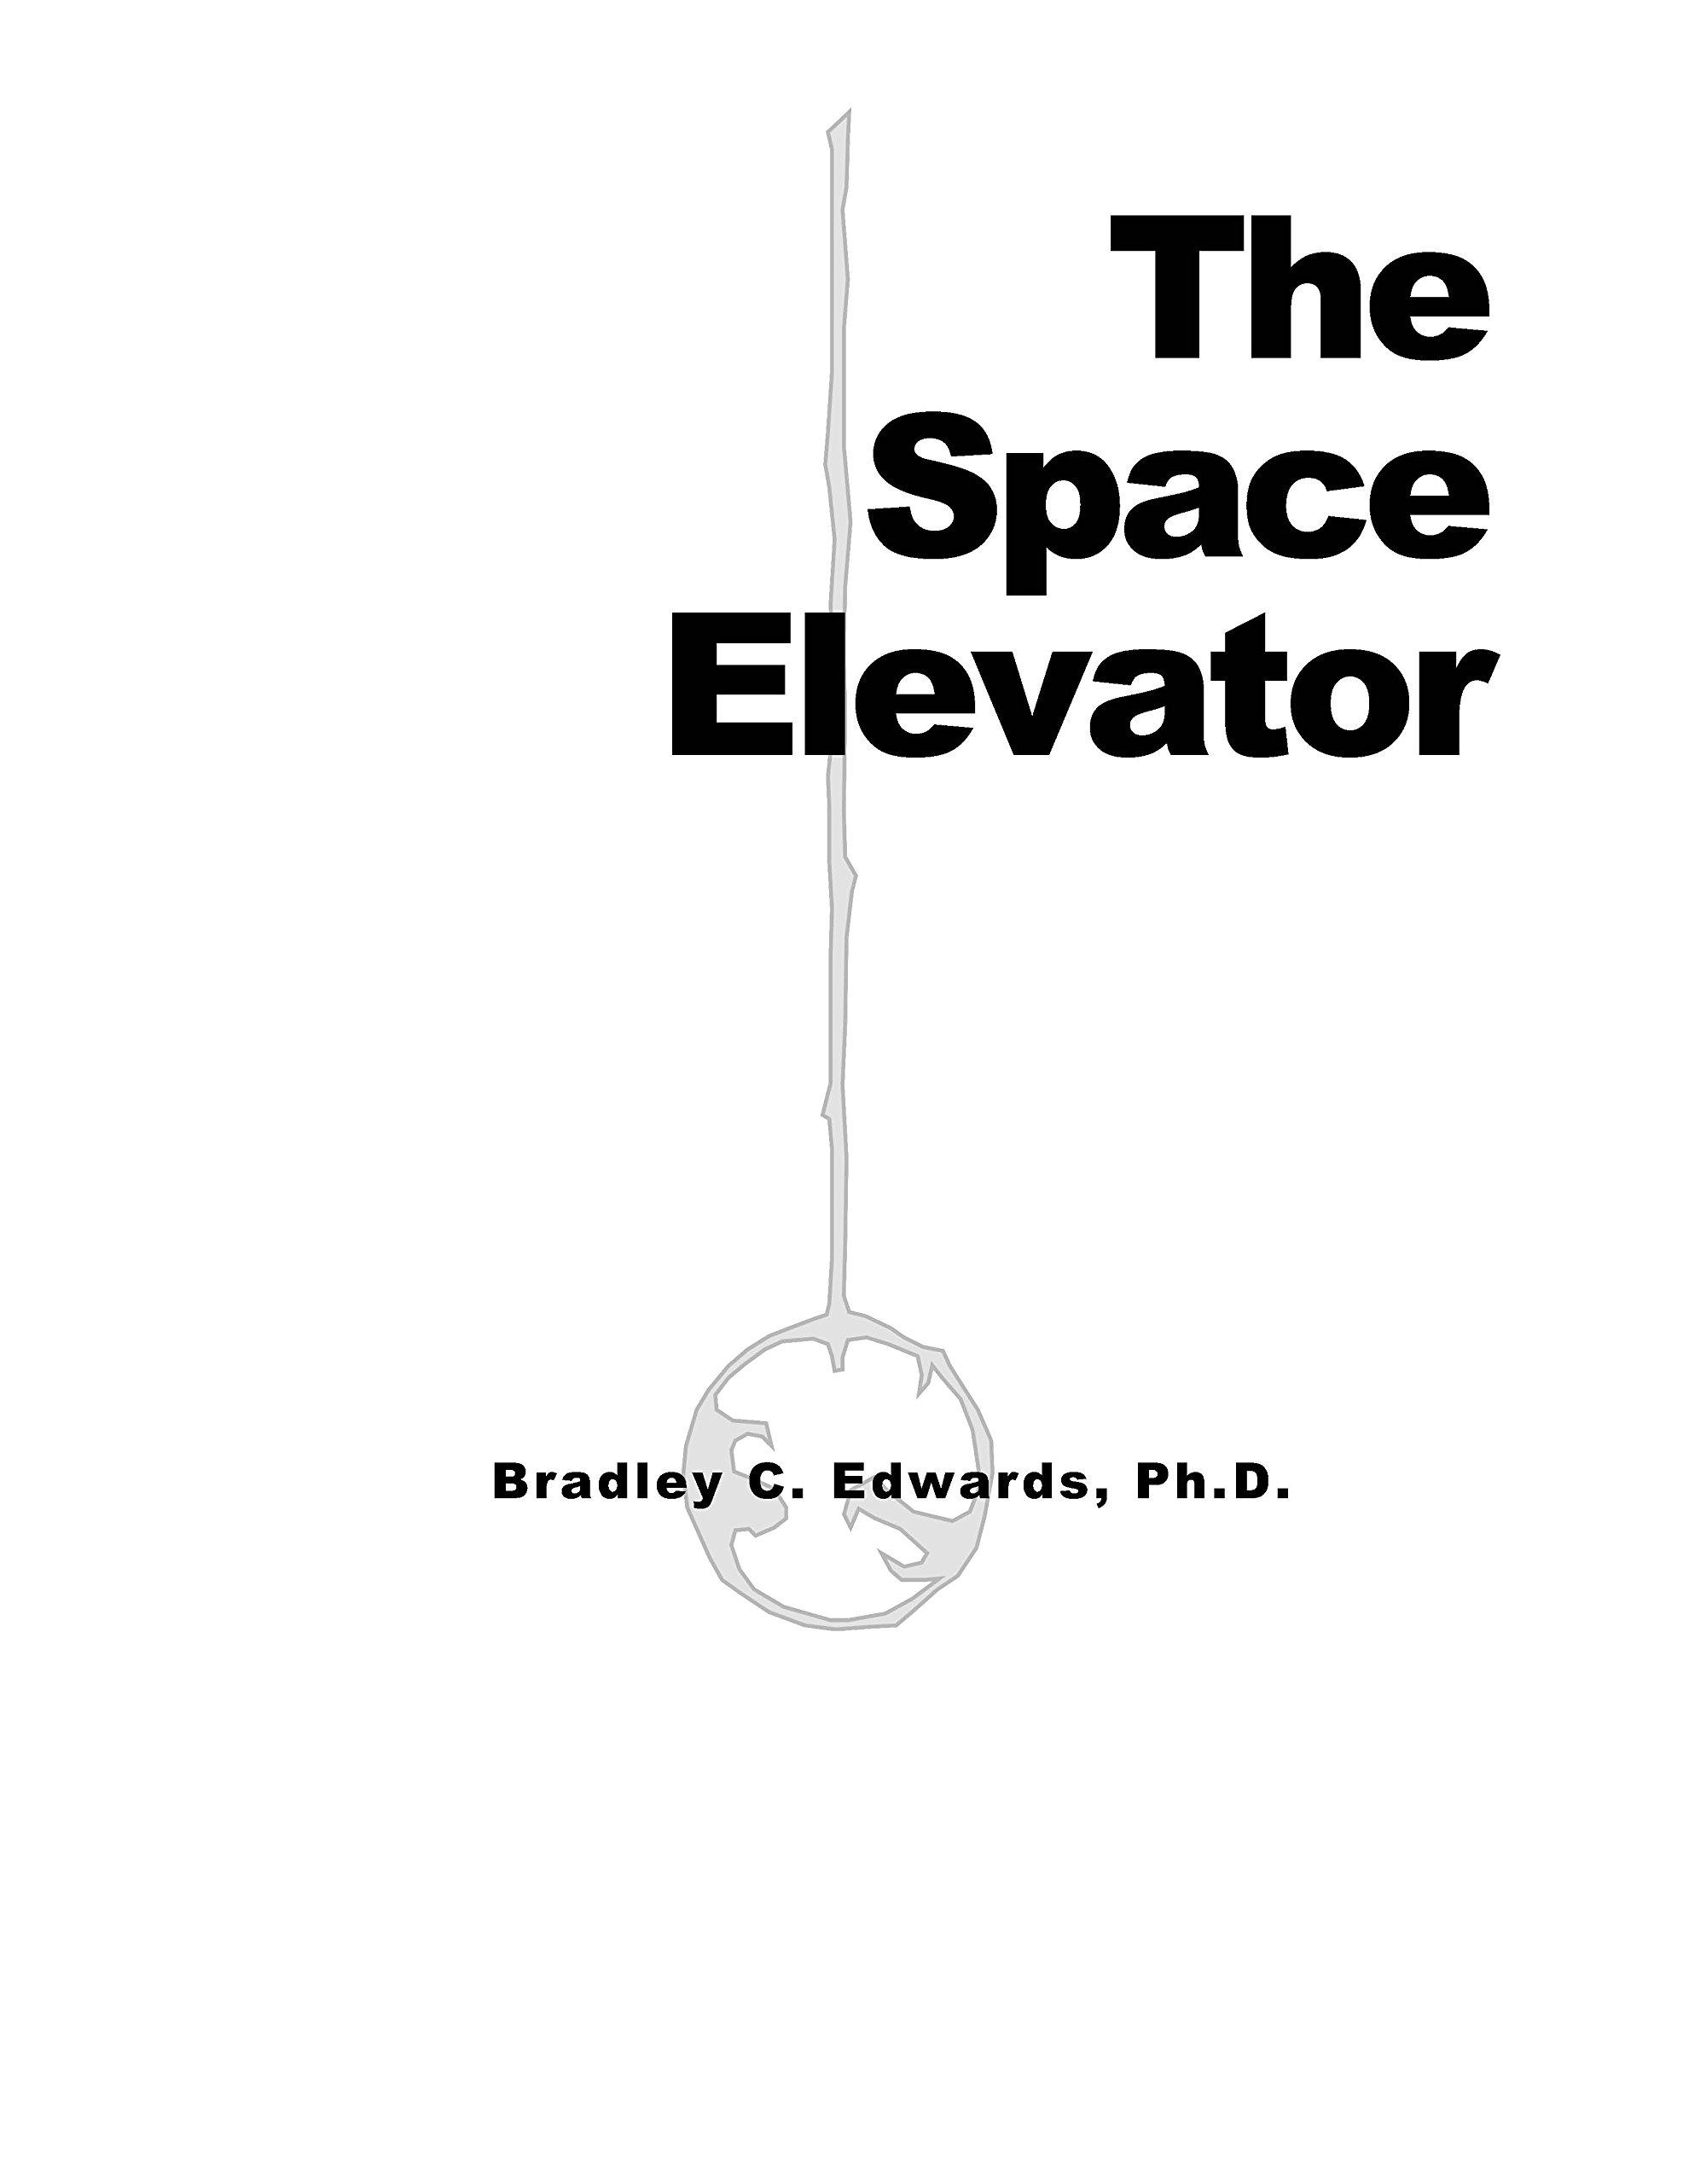 The Space Elevator by Bradley C Edwards PhD (NASA) [Loose Leaf Edition] PDF